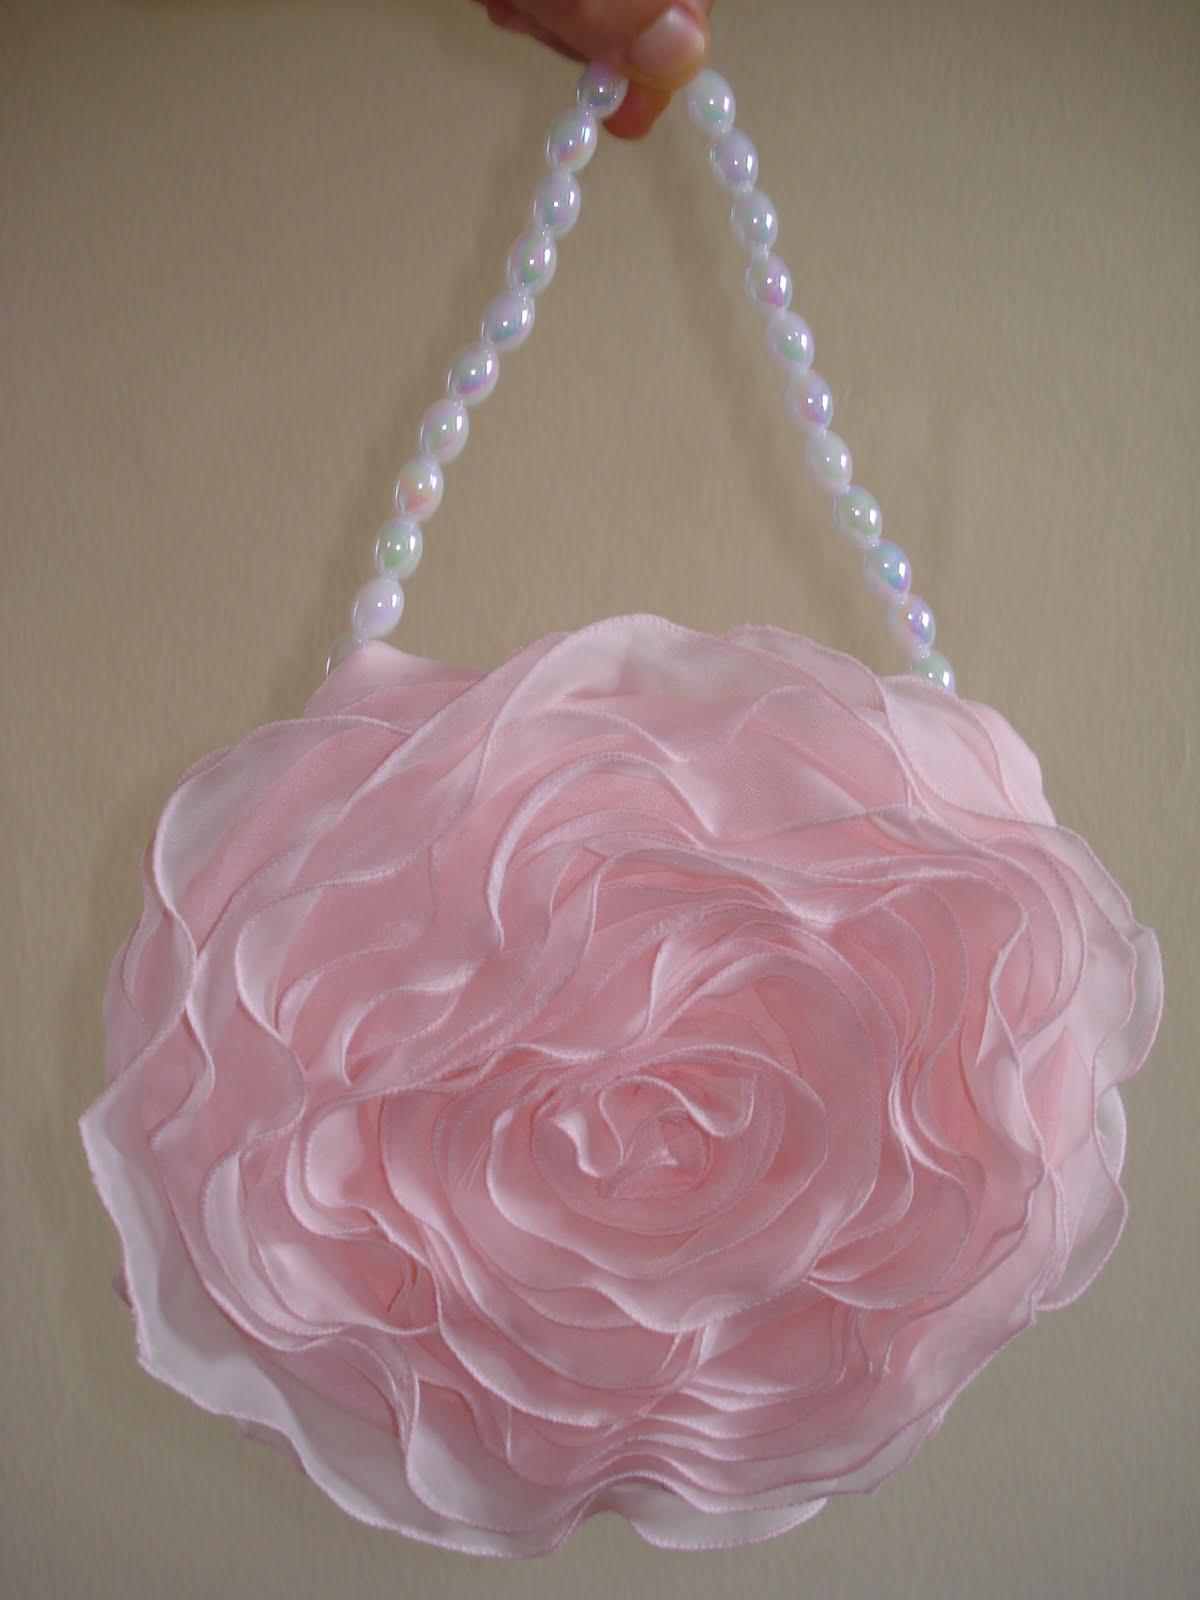 Bolsa De Festa Rose : Mary art bolsa rosa para festa proven?al